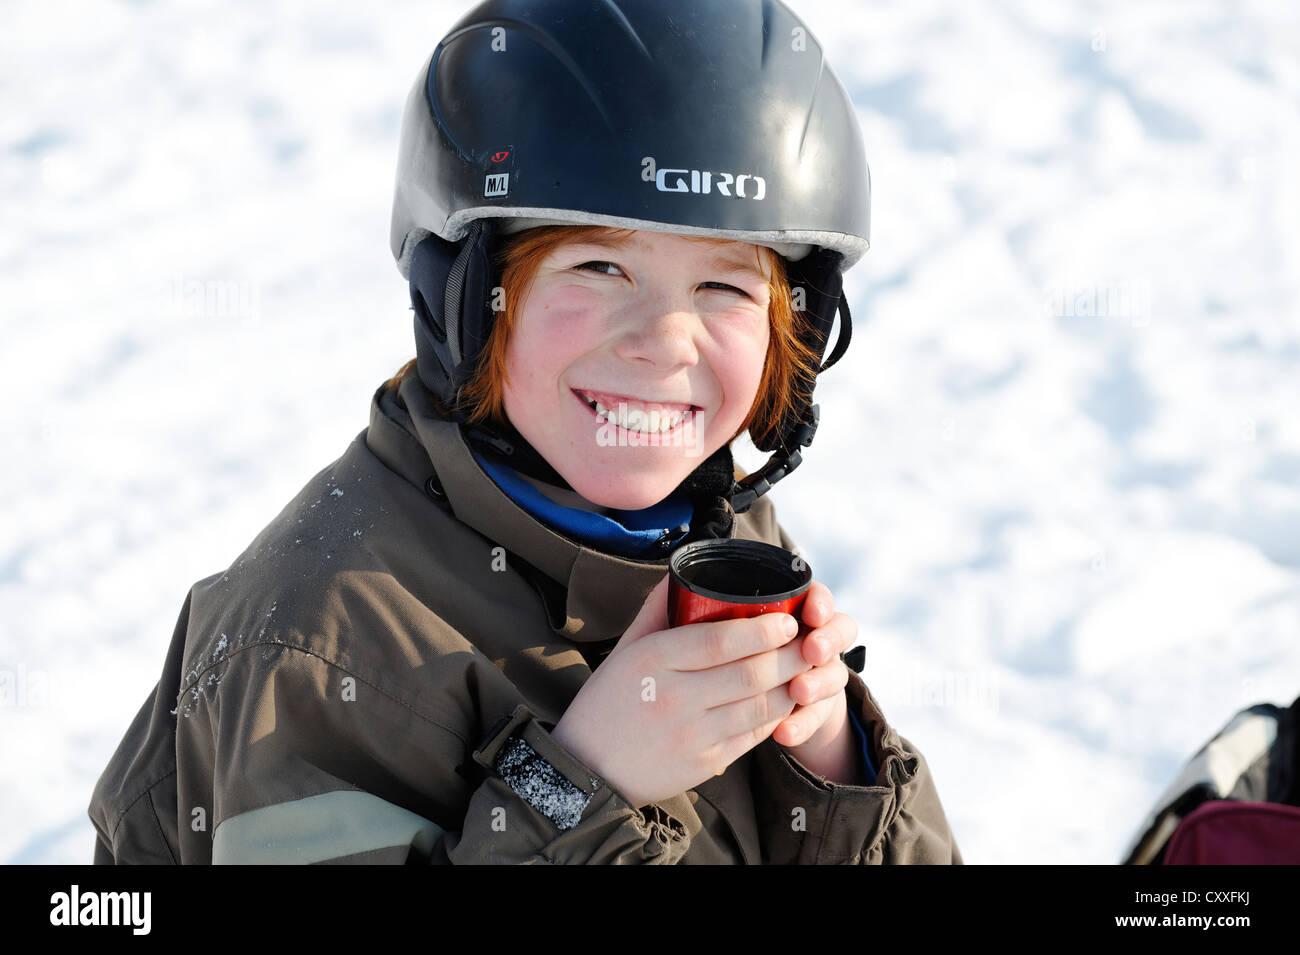 Ragazzo di bere una tazza di tè nel corso di sport invernale sulla neve Immagini Stock